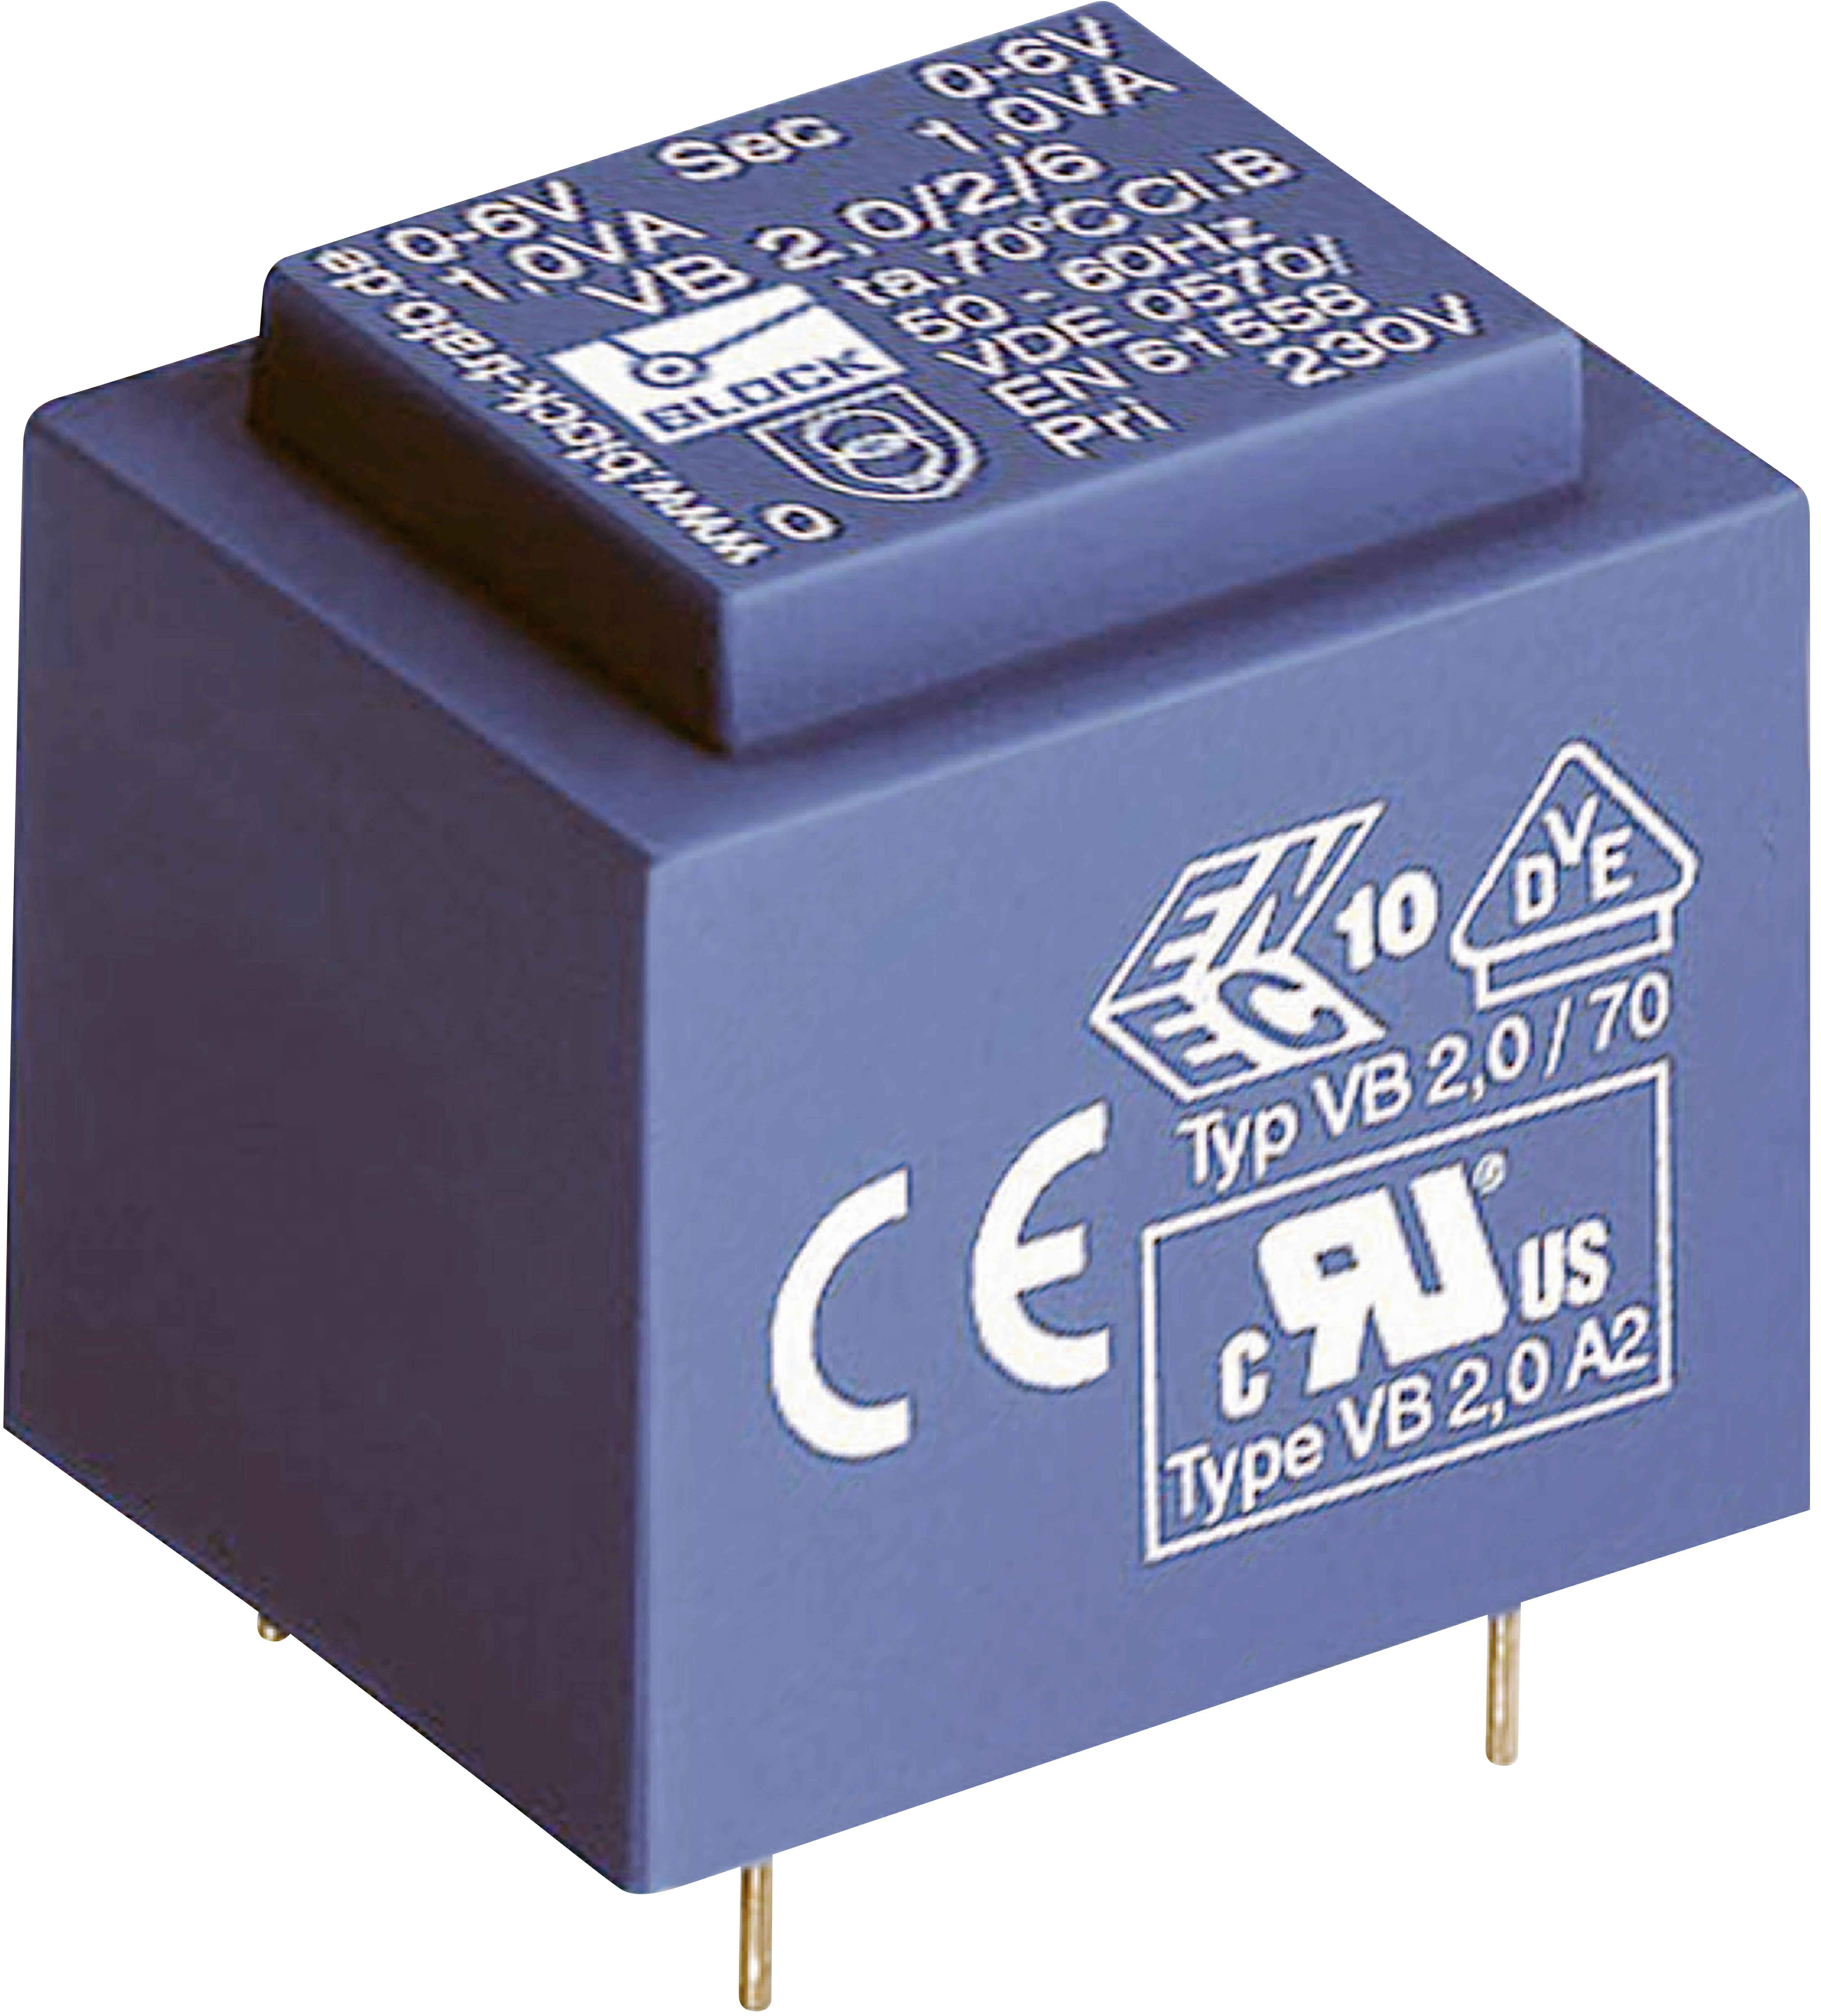 Transformátor do DPS Block VB 2,8/1/9, 2.80 VA